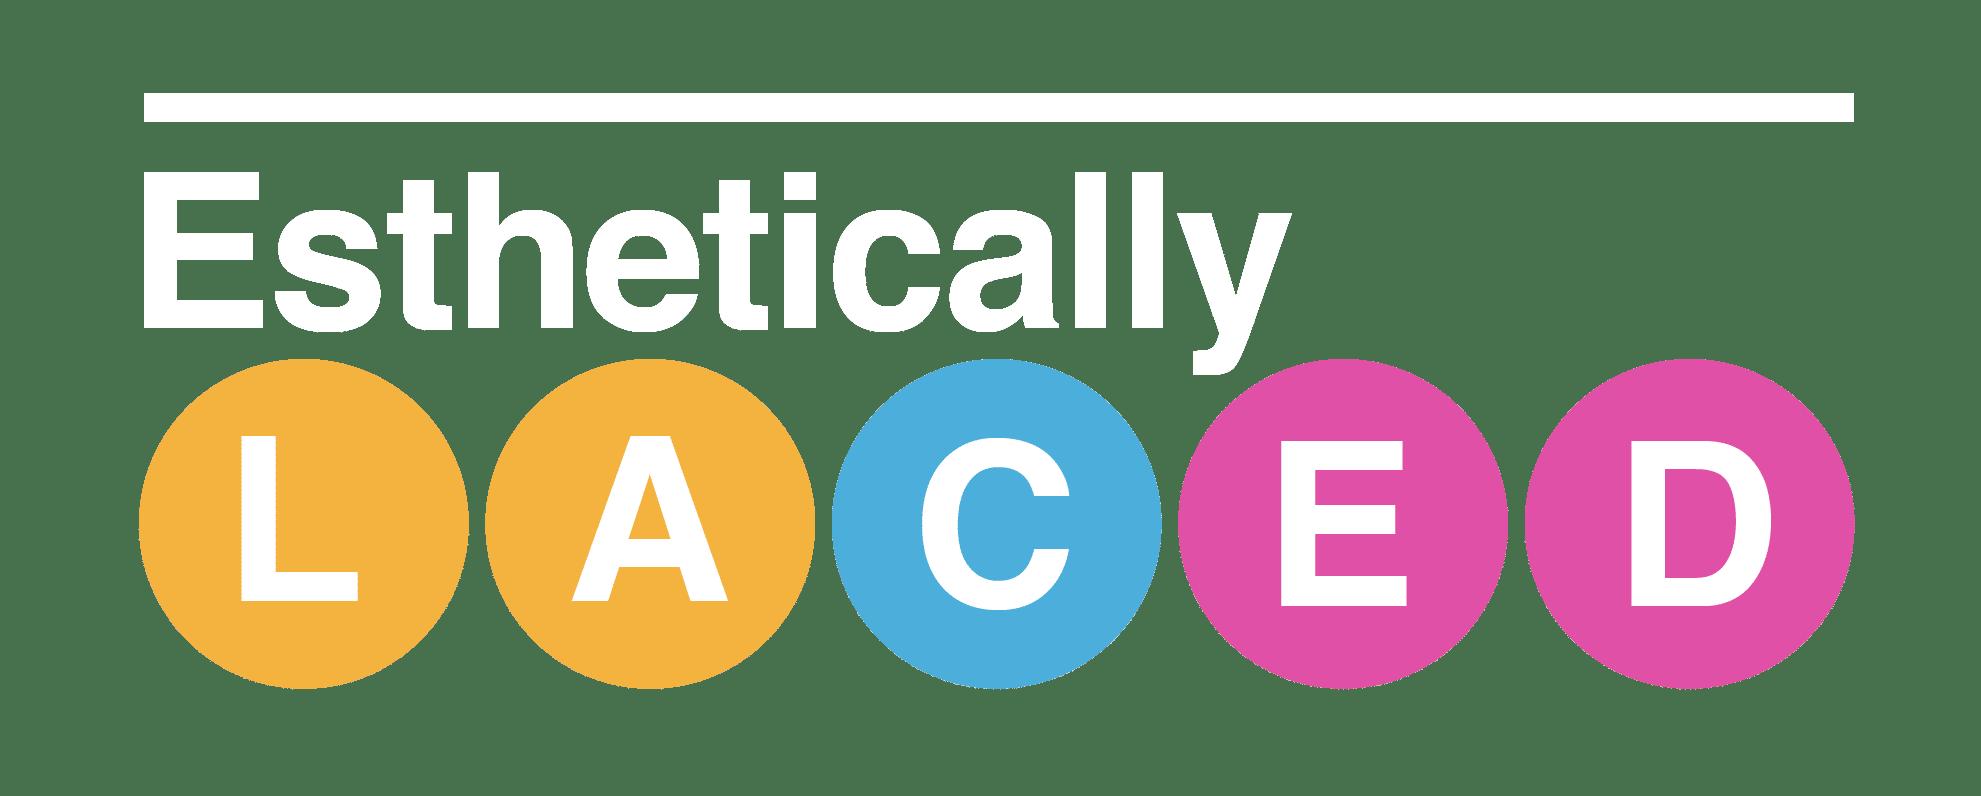 Esthetically Lace'd